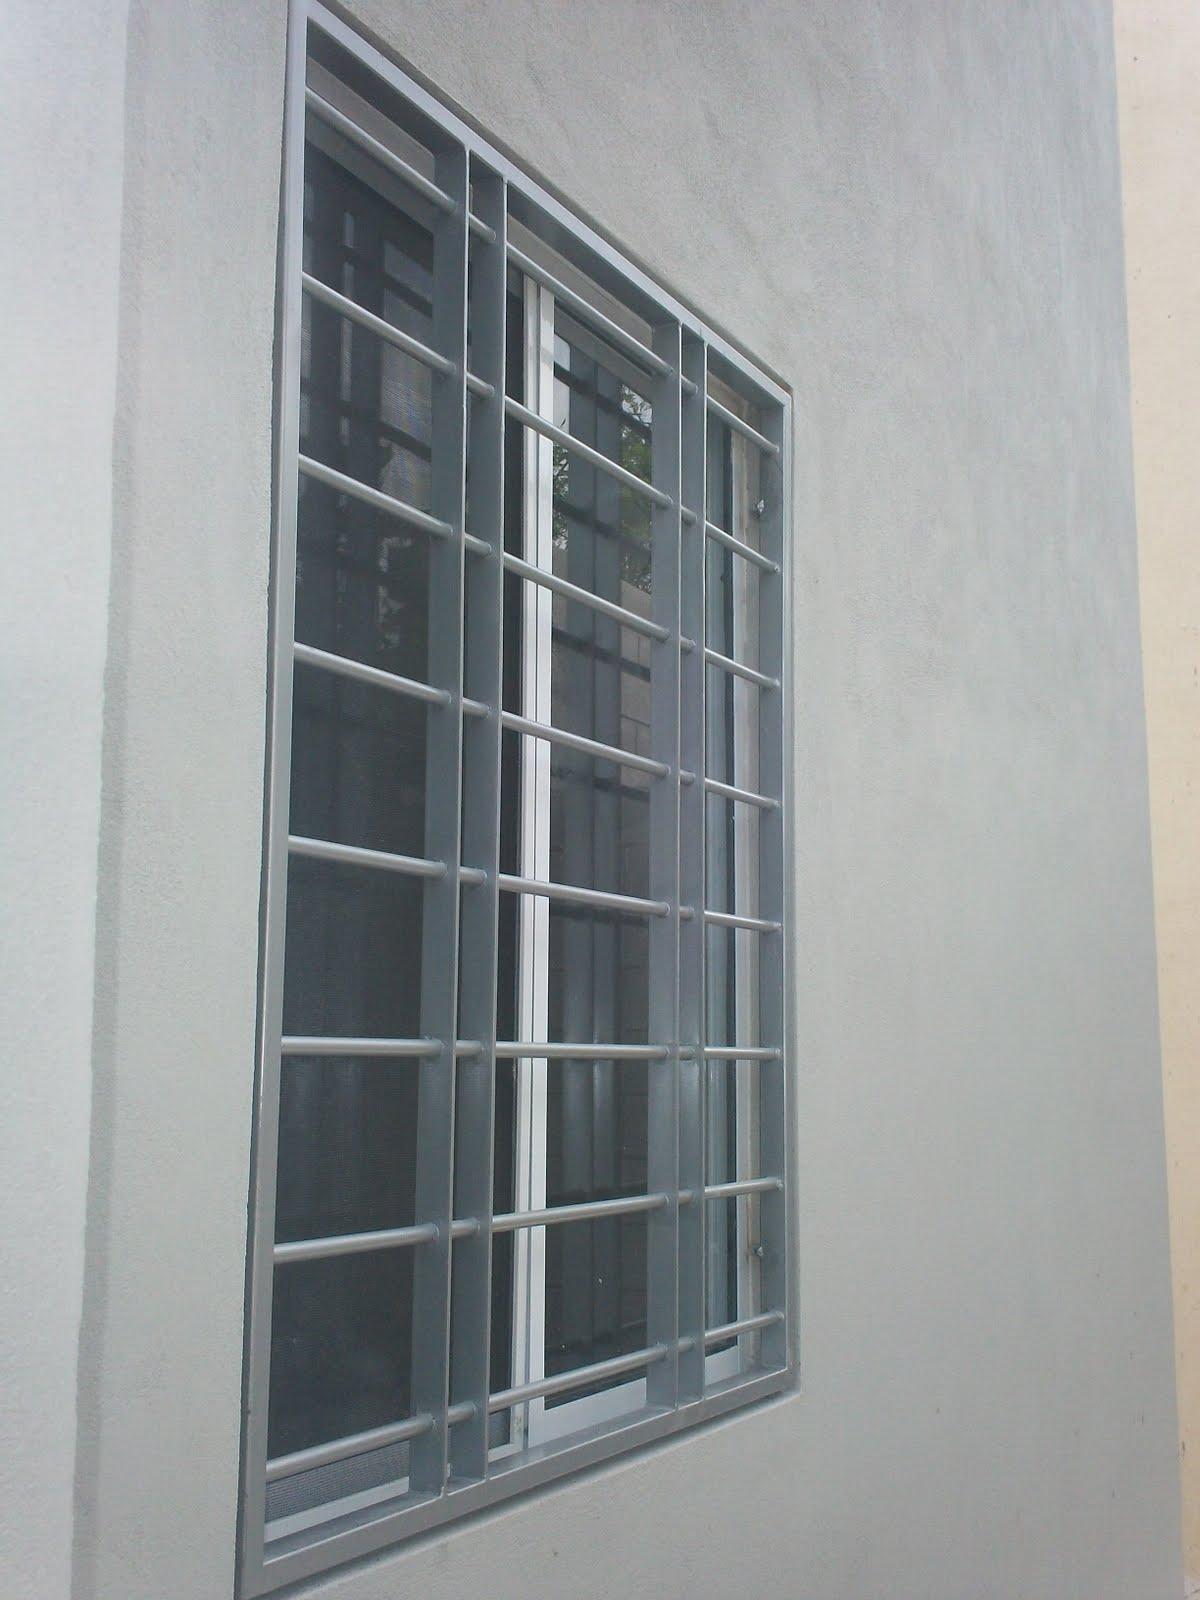 RP-037, Protectores para ventana, estilo contemporáneo, instalados en ...